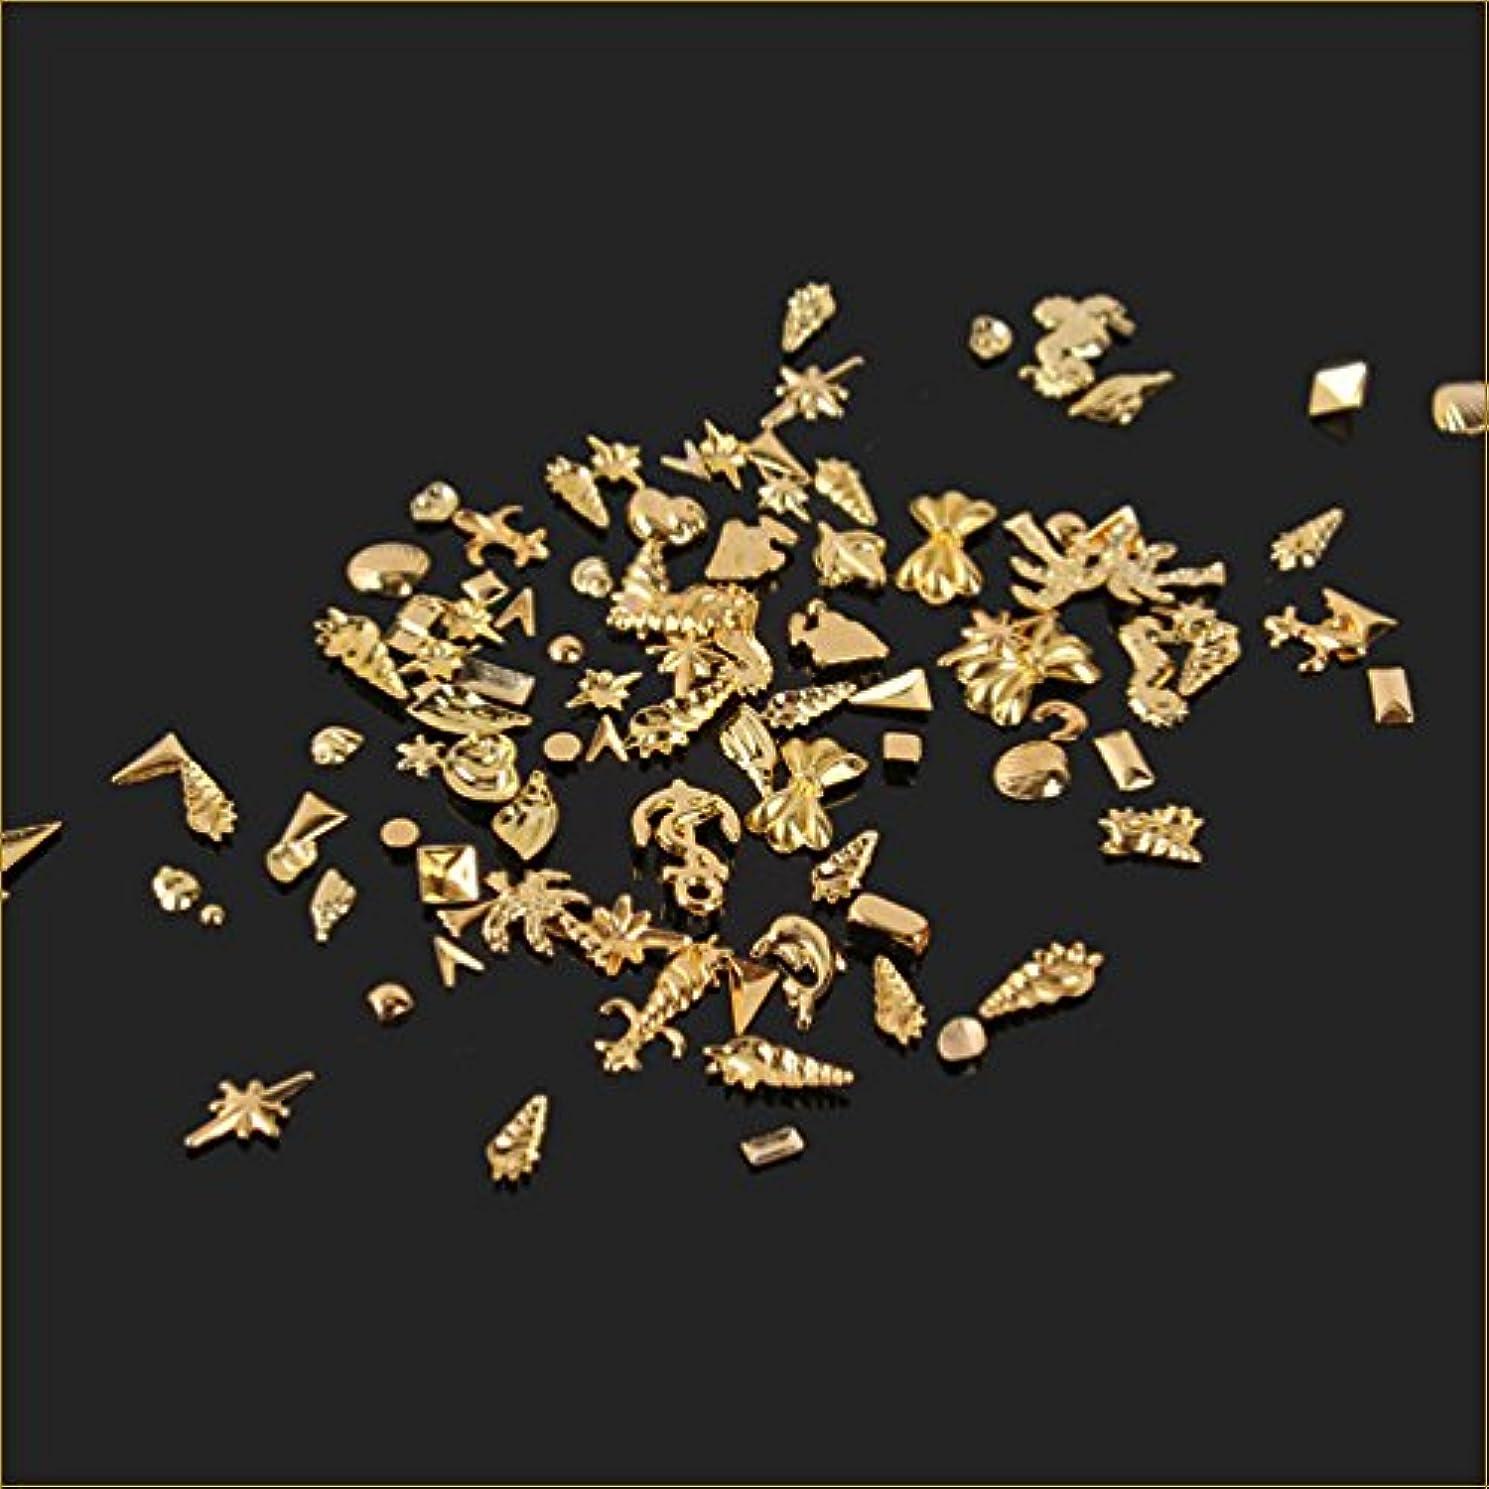 更新機械的に離婚ネイルパーツ シェルパーツ ネイルアートパーツ 貝海系 100個入りサマーゴールド スタッズ ジェルネイル